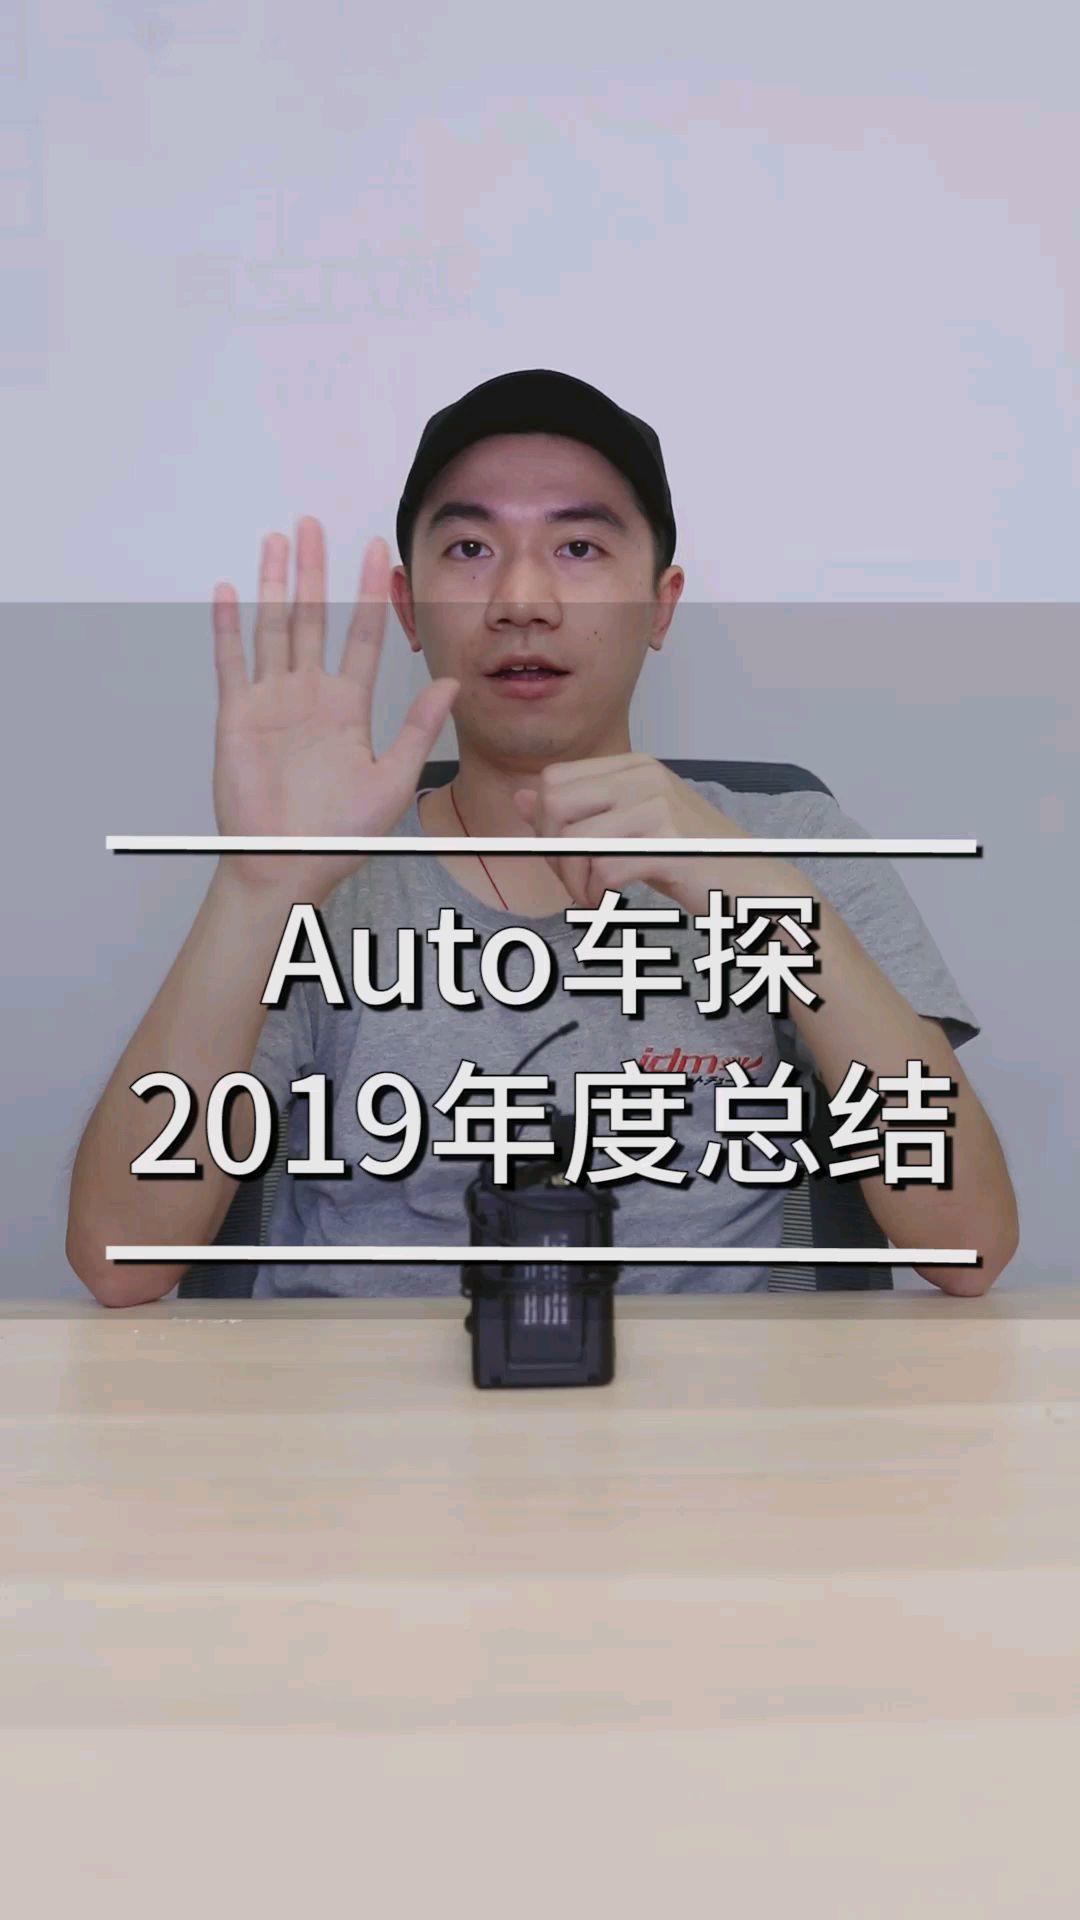 Auto车探2019年度总结